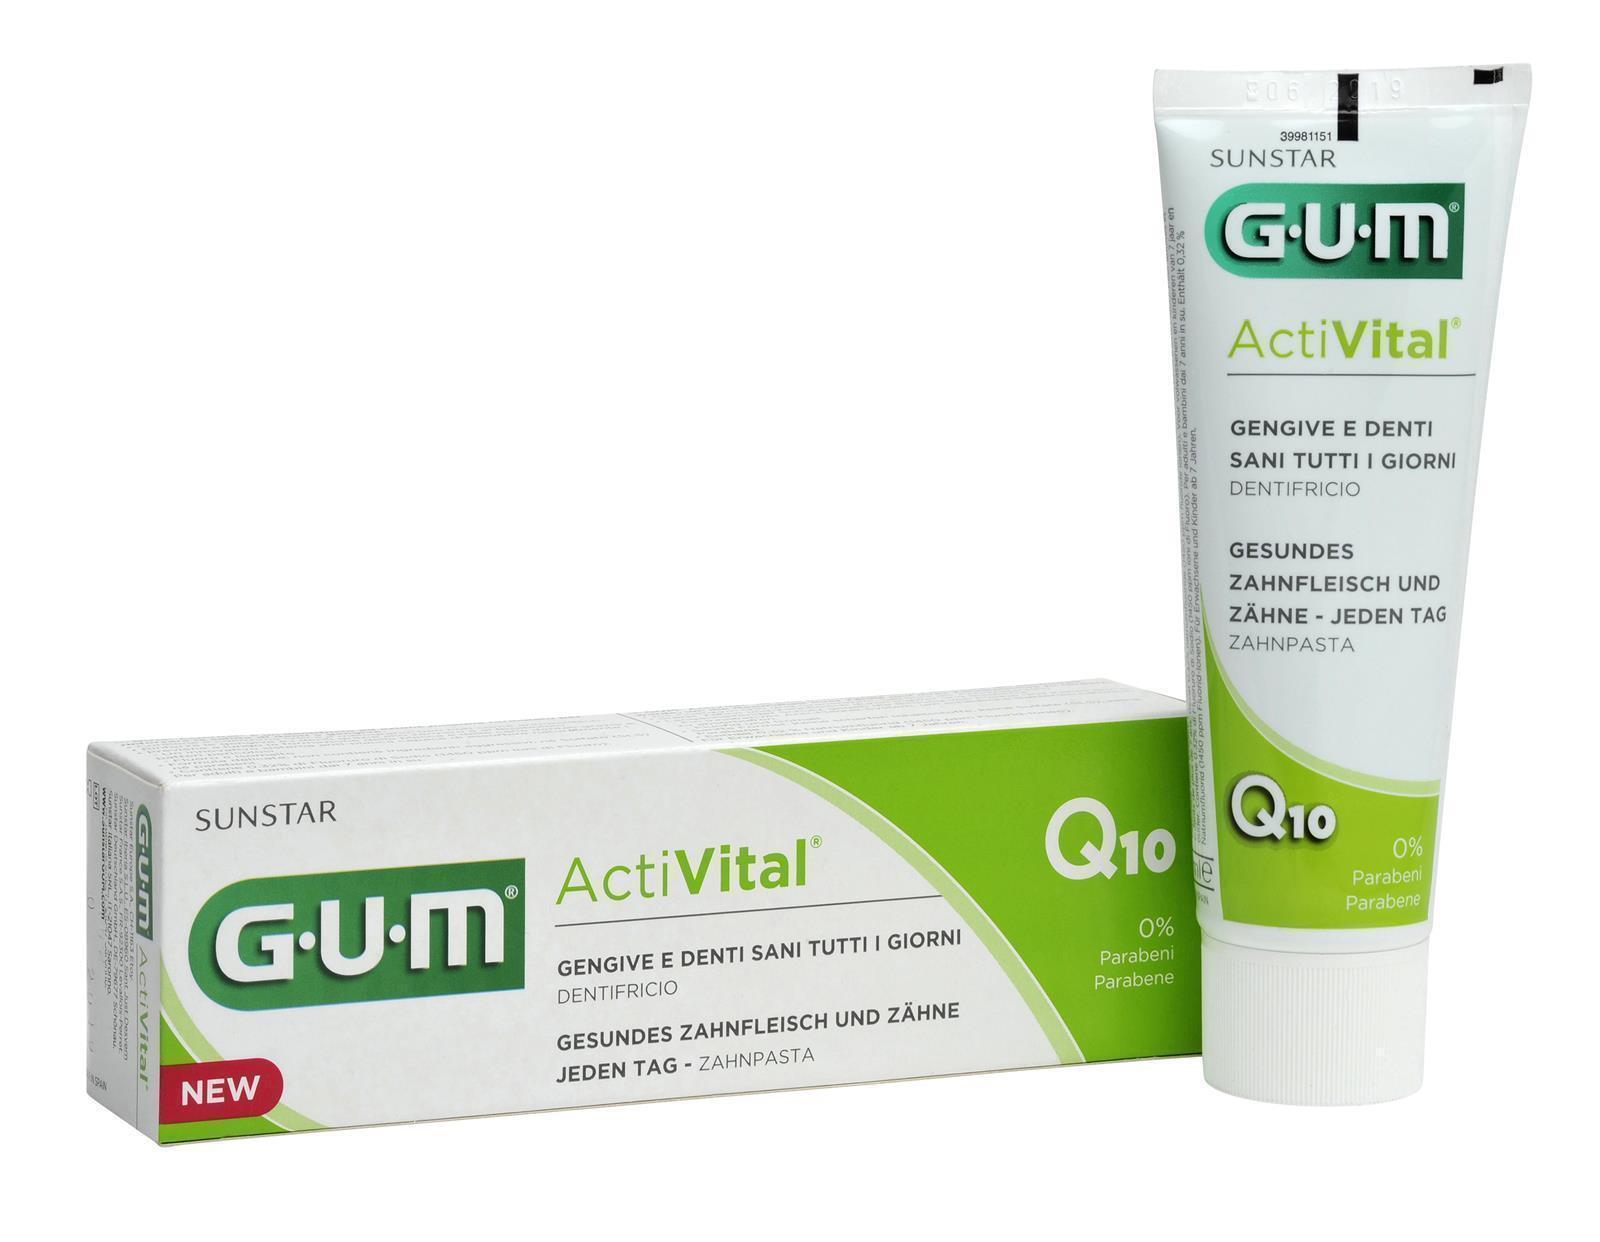 3x GUM ActiVital mit Zahnpasta Q10 - 75 ml Zahnfleisch, Zähne, Zahnschmelz Top!